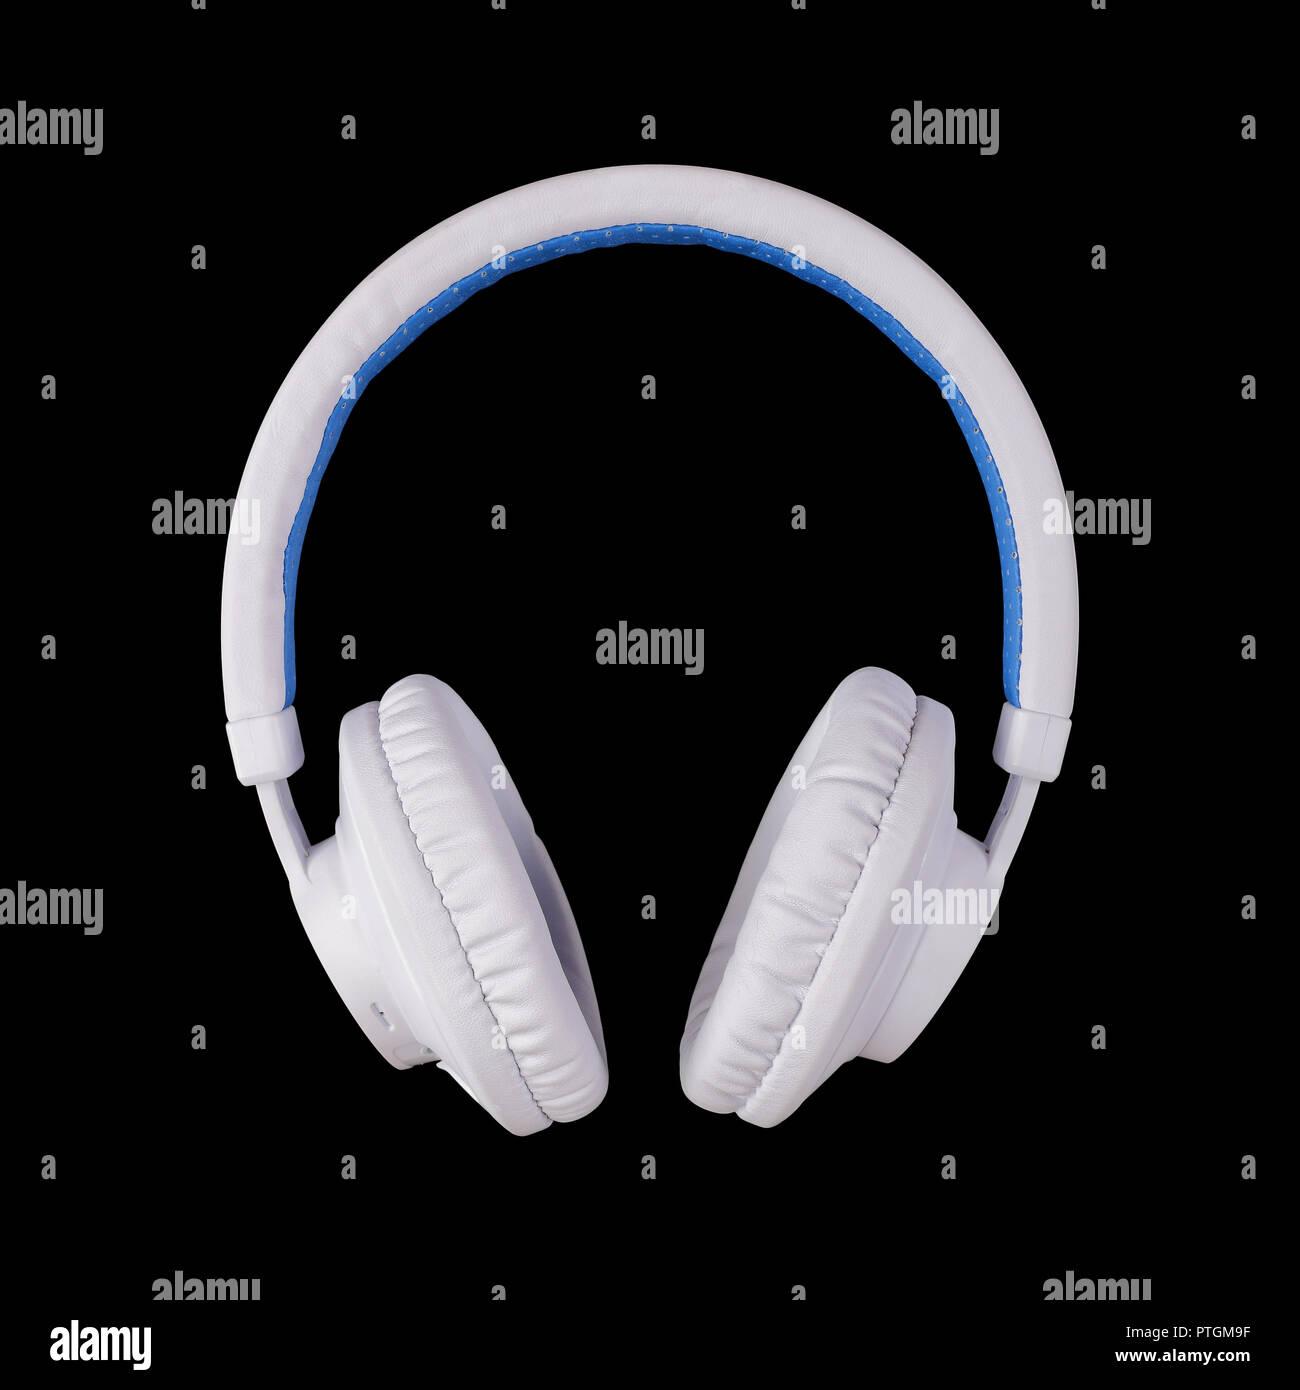 Attrezzature musicali - bianco blu cuffie wireless su uno sfondo nero. 3f3ff33069d7